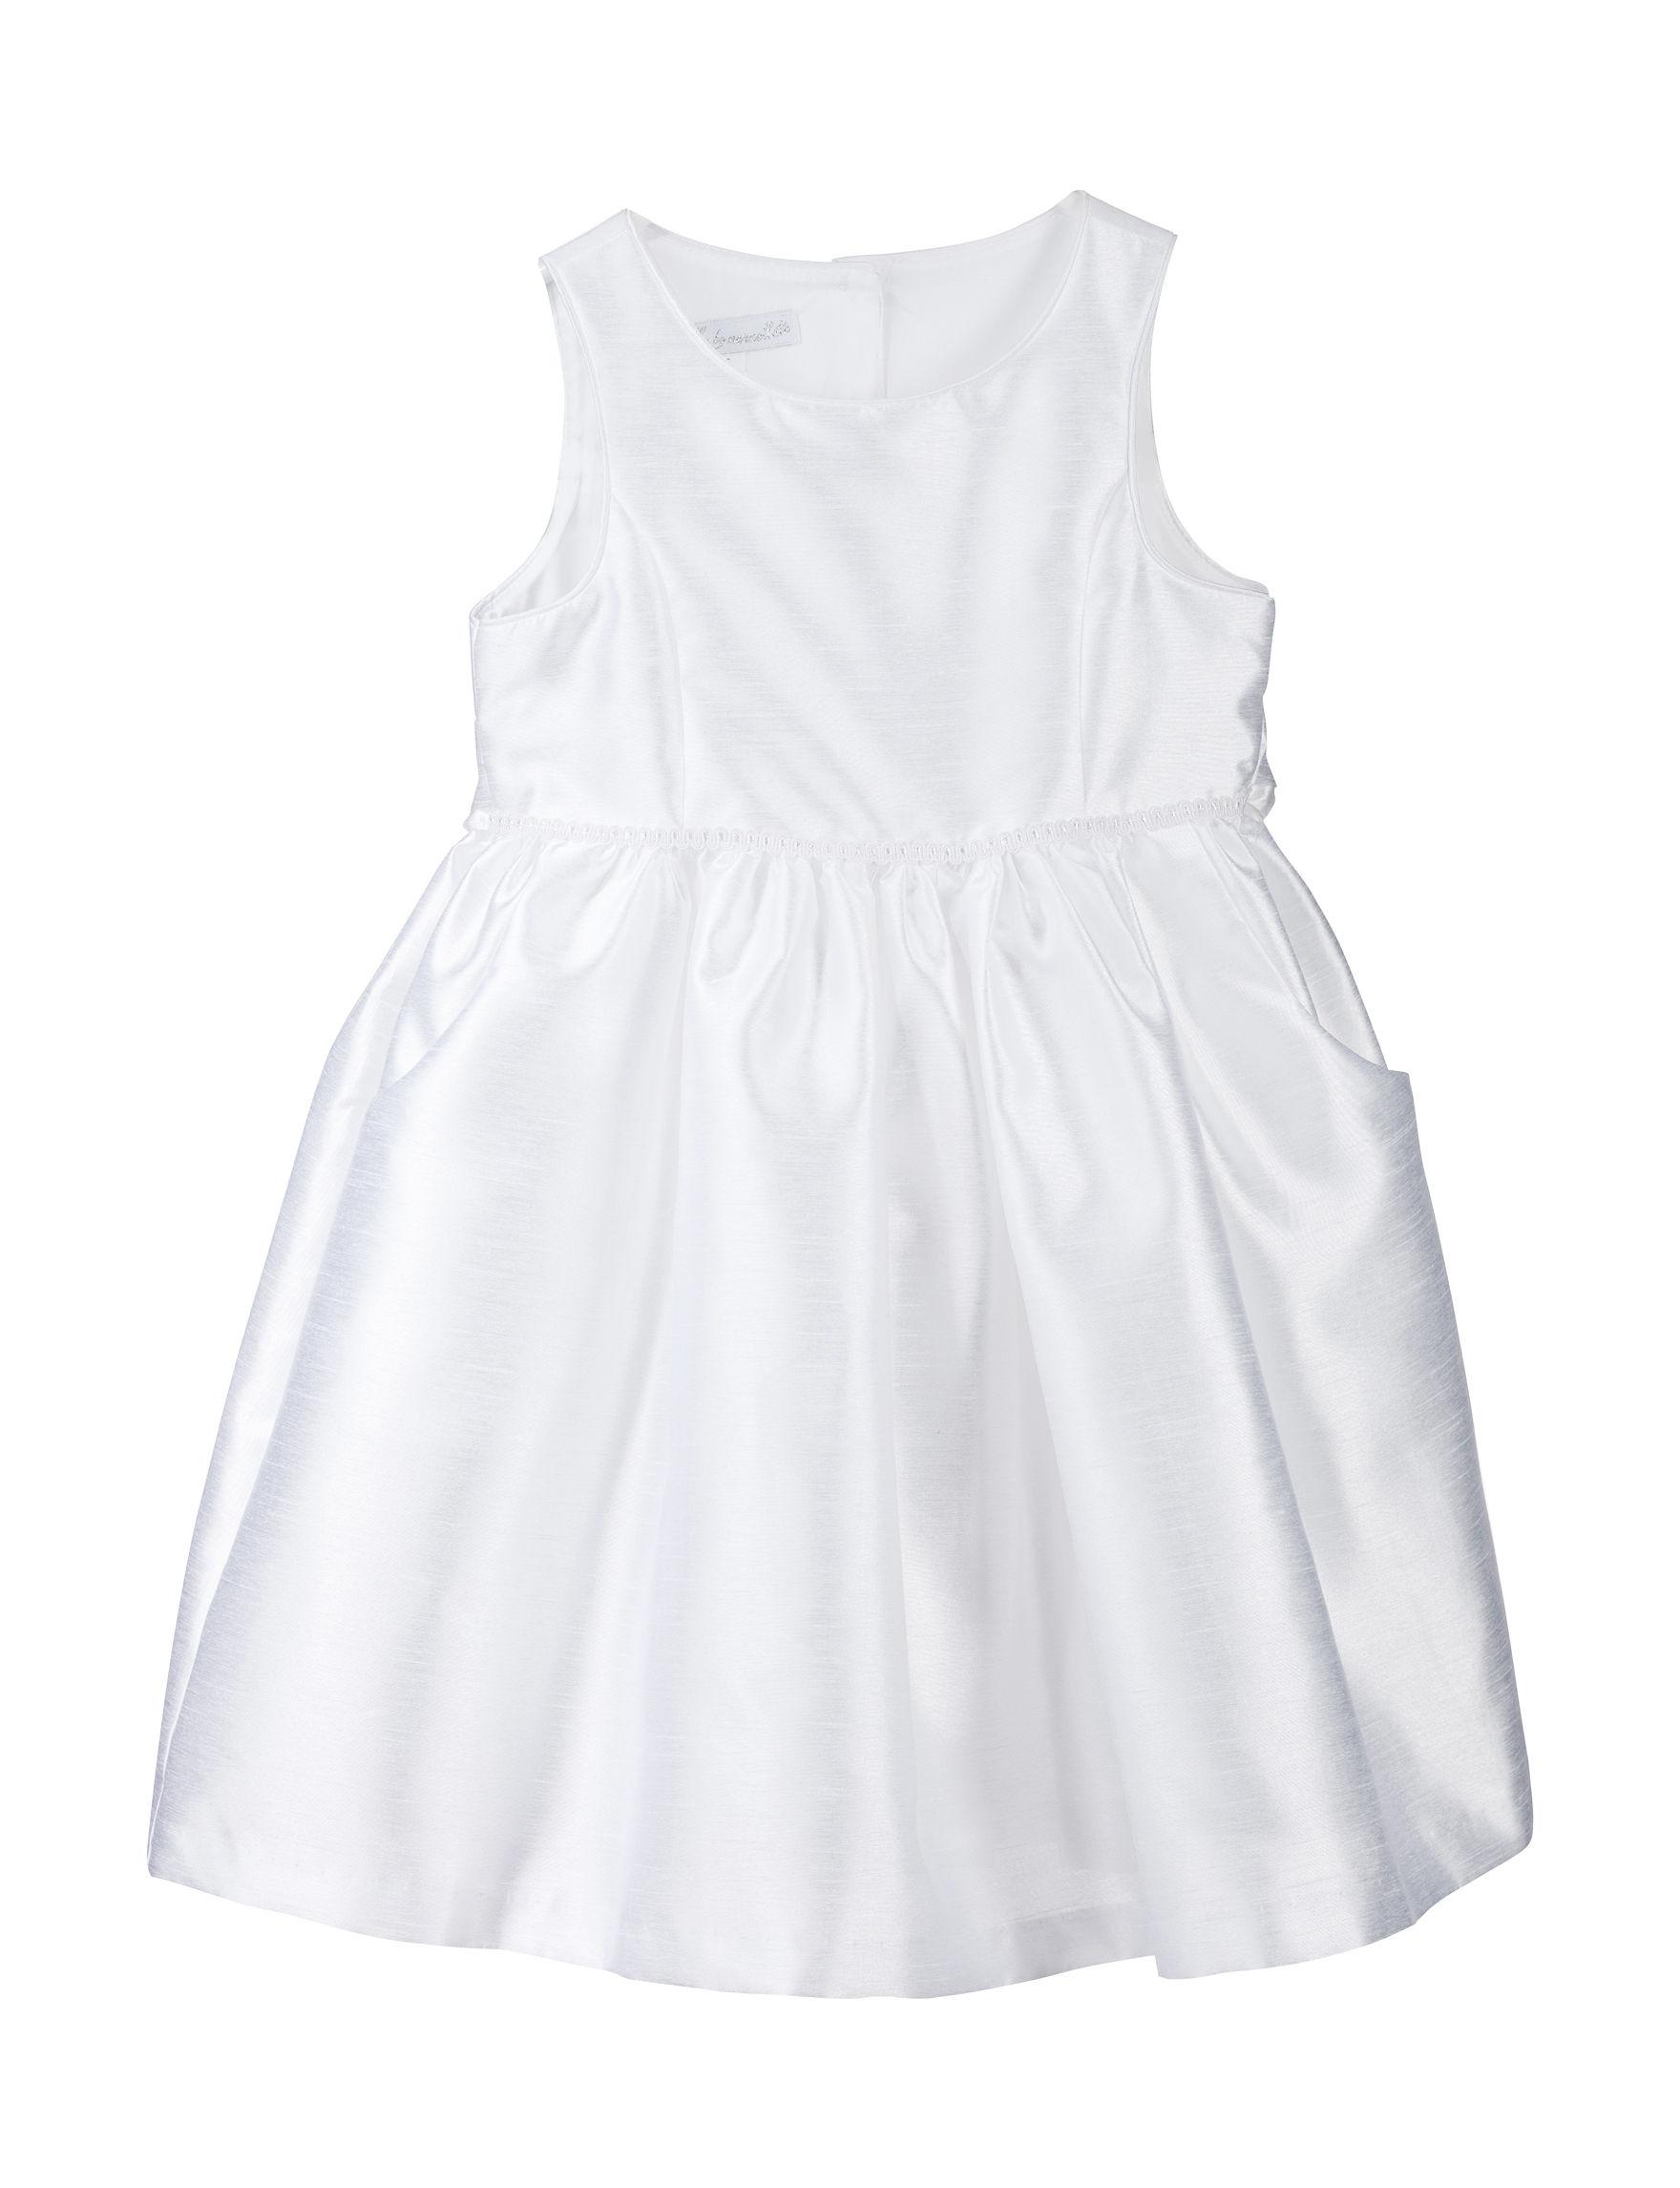 71188bebc UPC 780176527838 product image for Marmellata Bow Back Flower Girl Dress  Toddler & Girls 4- ...